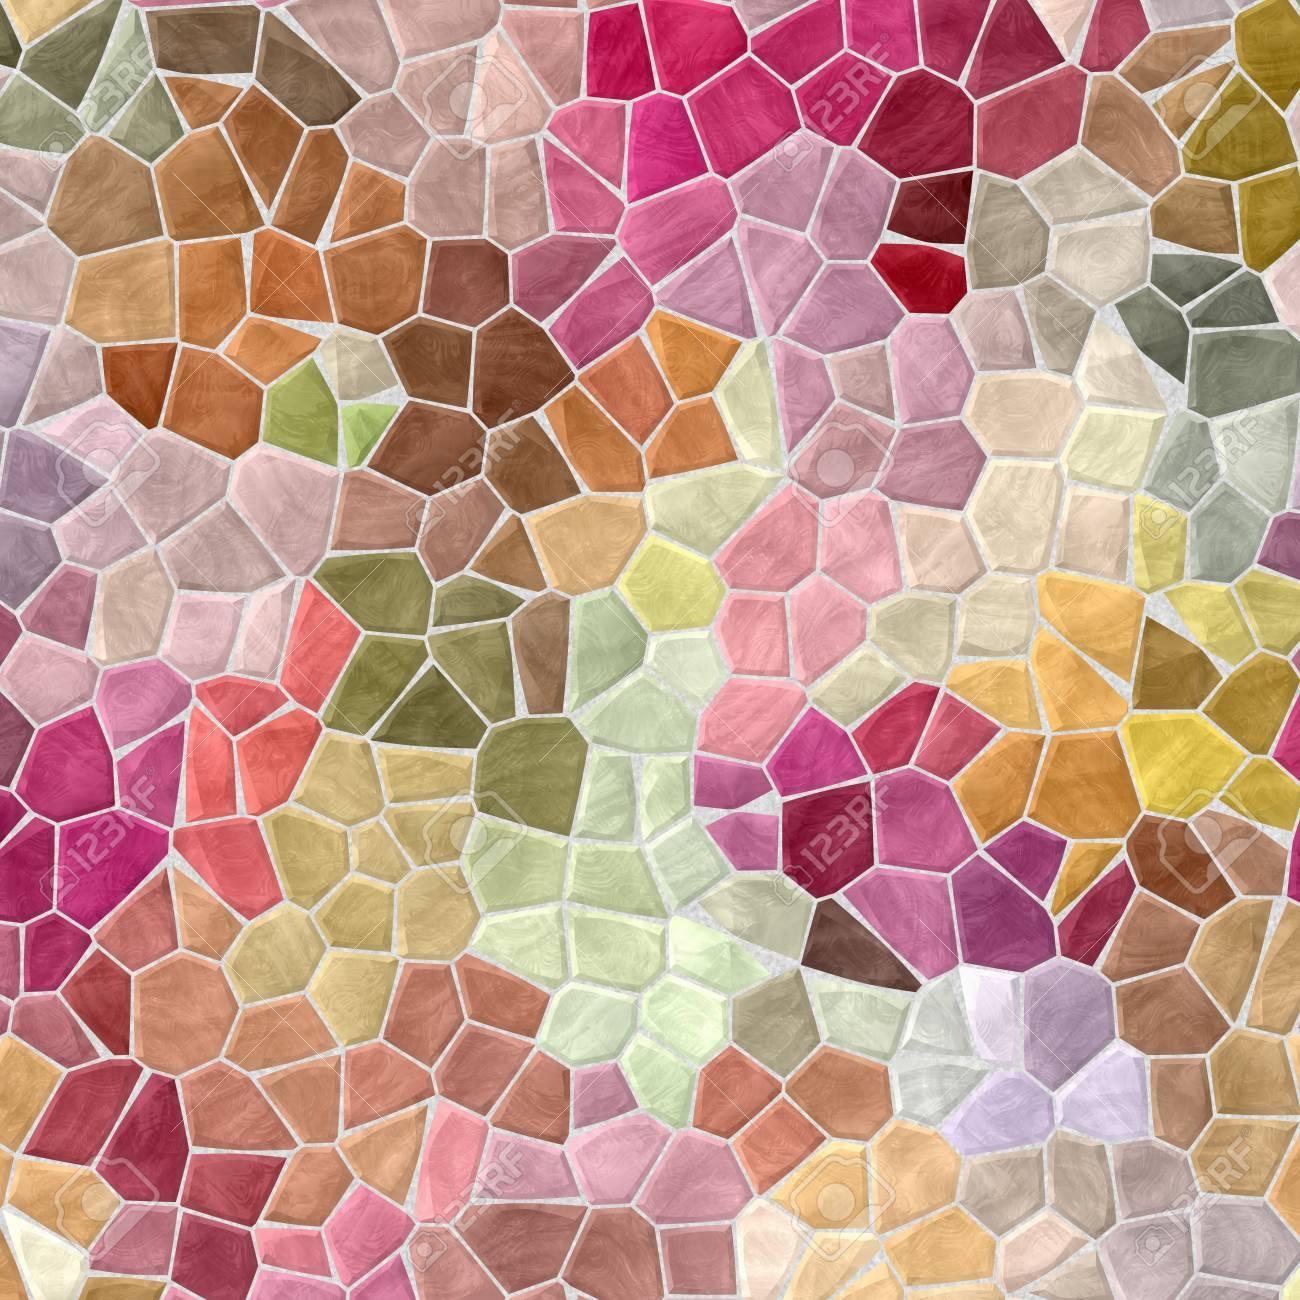 farbigen abstrakten unregelmigen marmor kunststoff hintergrund steinig mosaik muster textur mit grauen mrtel bunten - Mosaik Muster